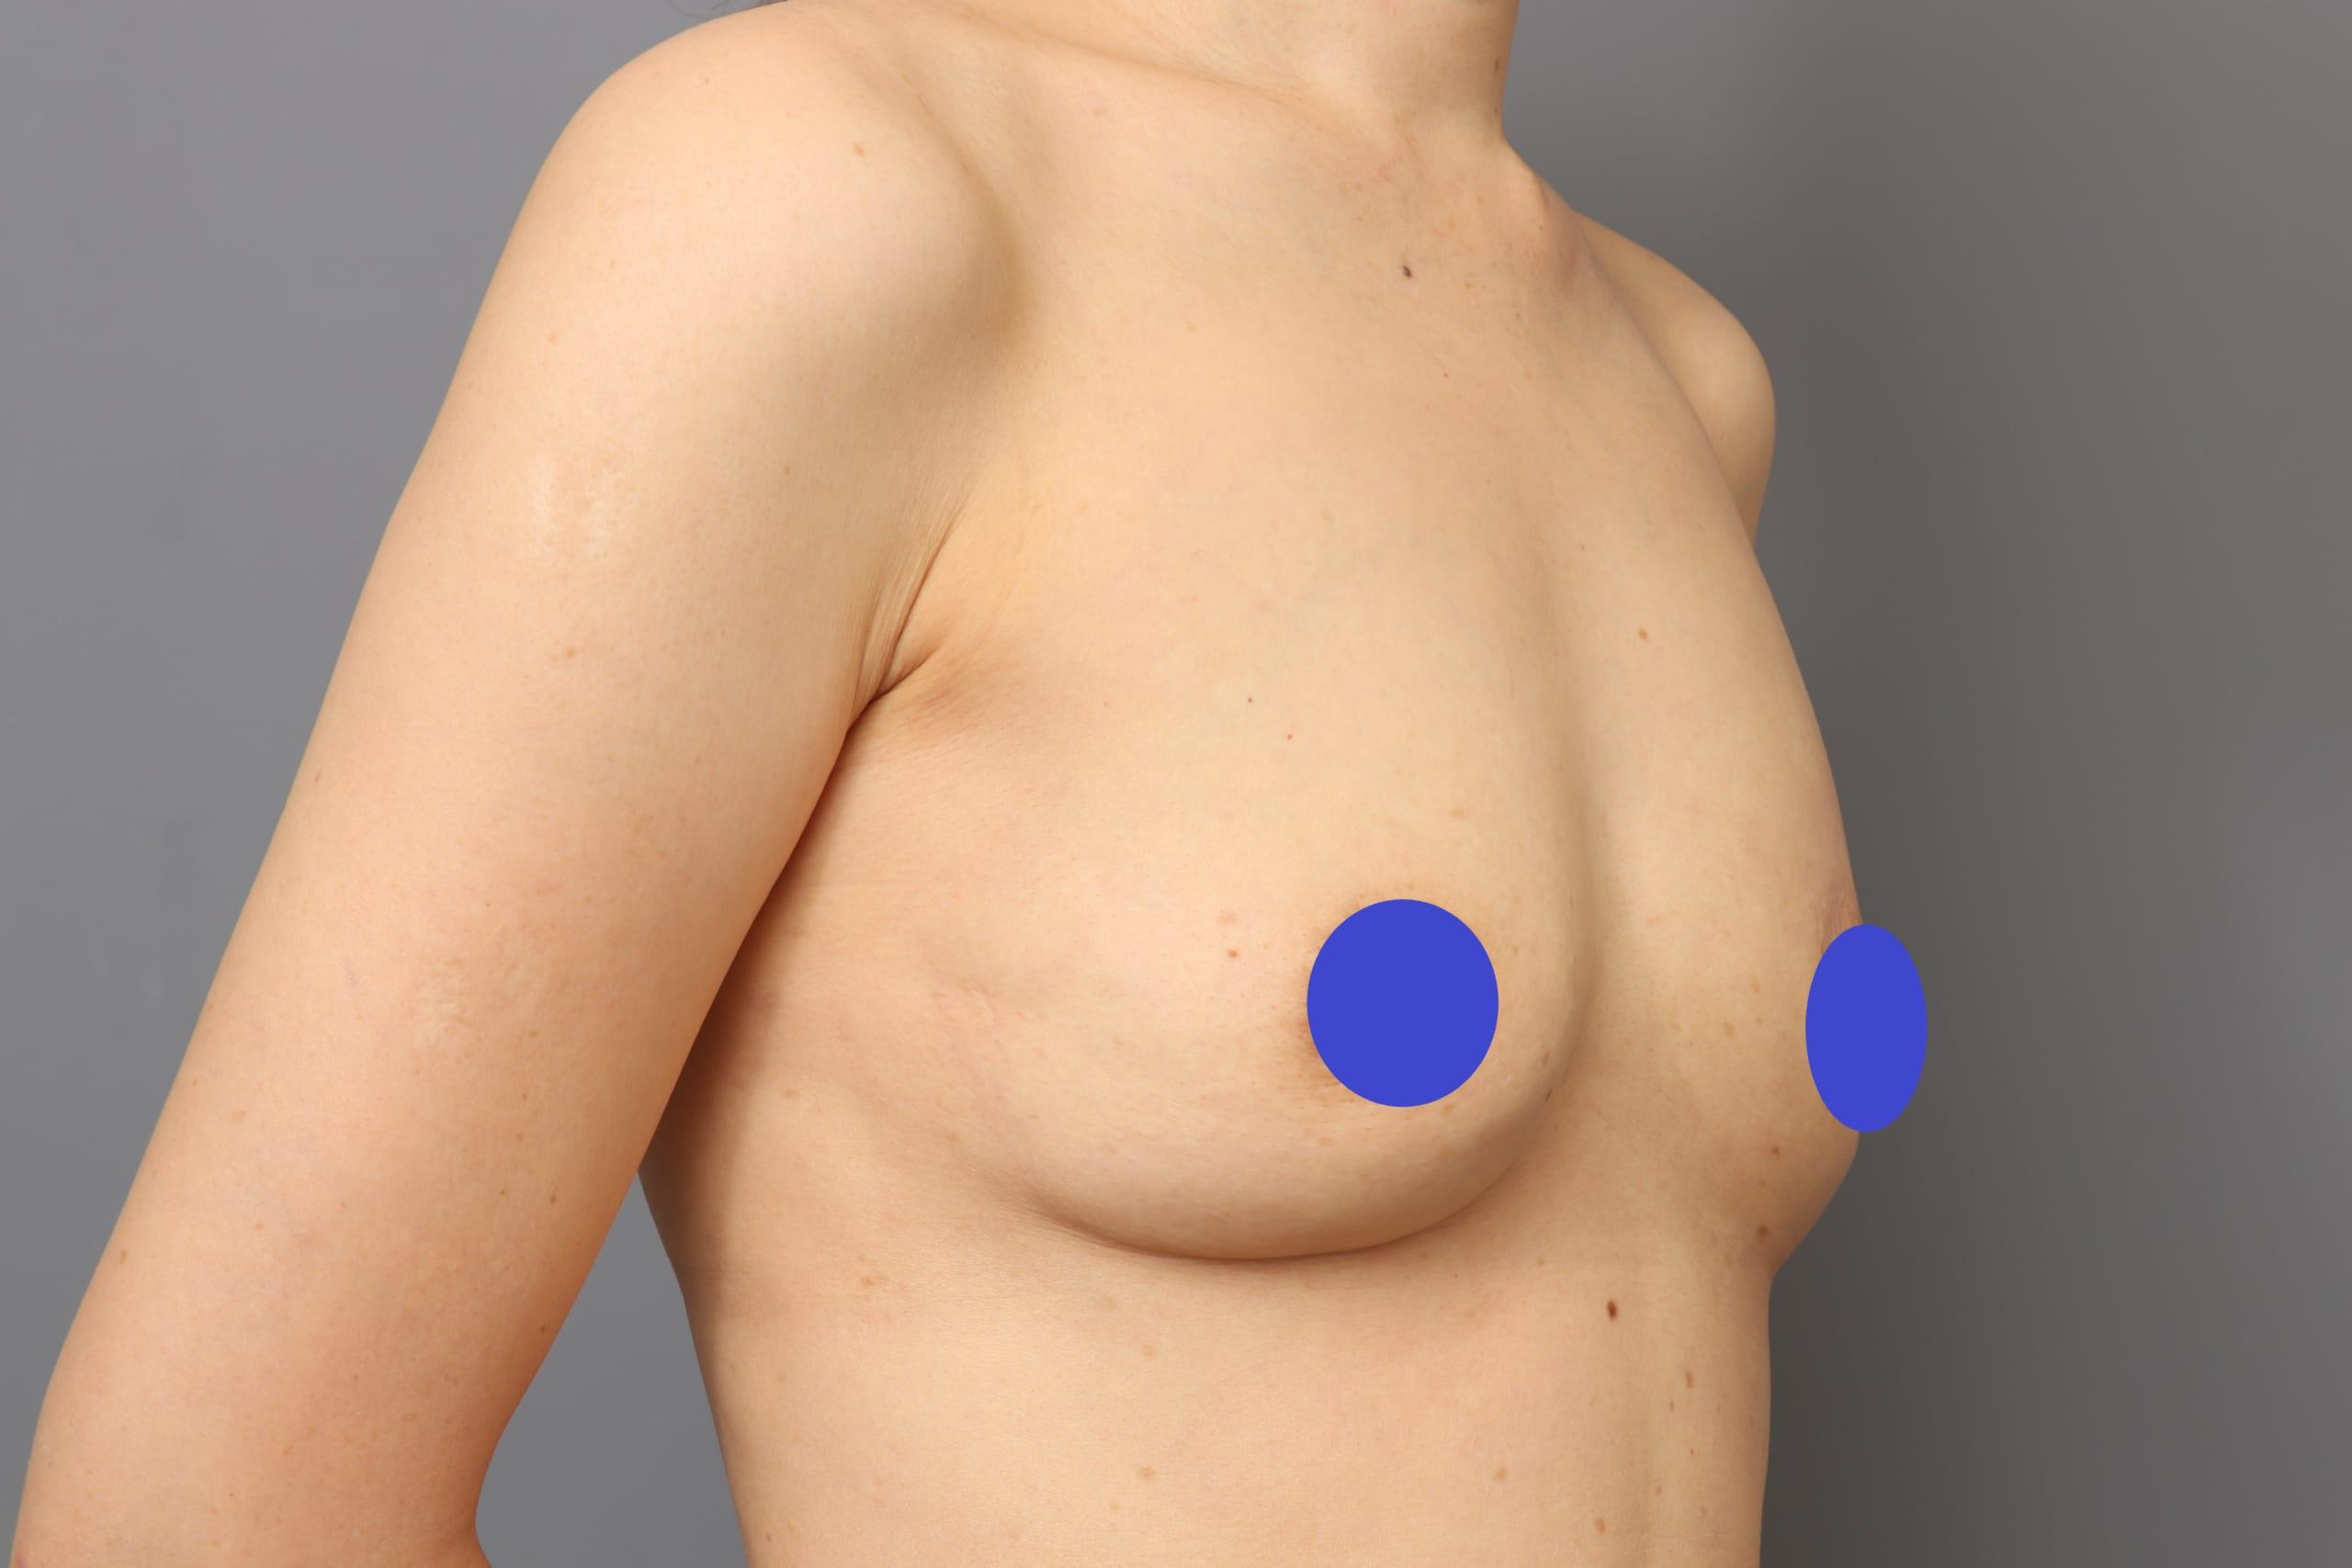 異物除去後:セルチャー×ビブラ豊胸+凍結脂肪注入で再建:術後6か月:異物無しで自然なバストに